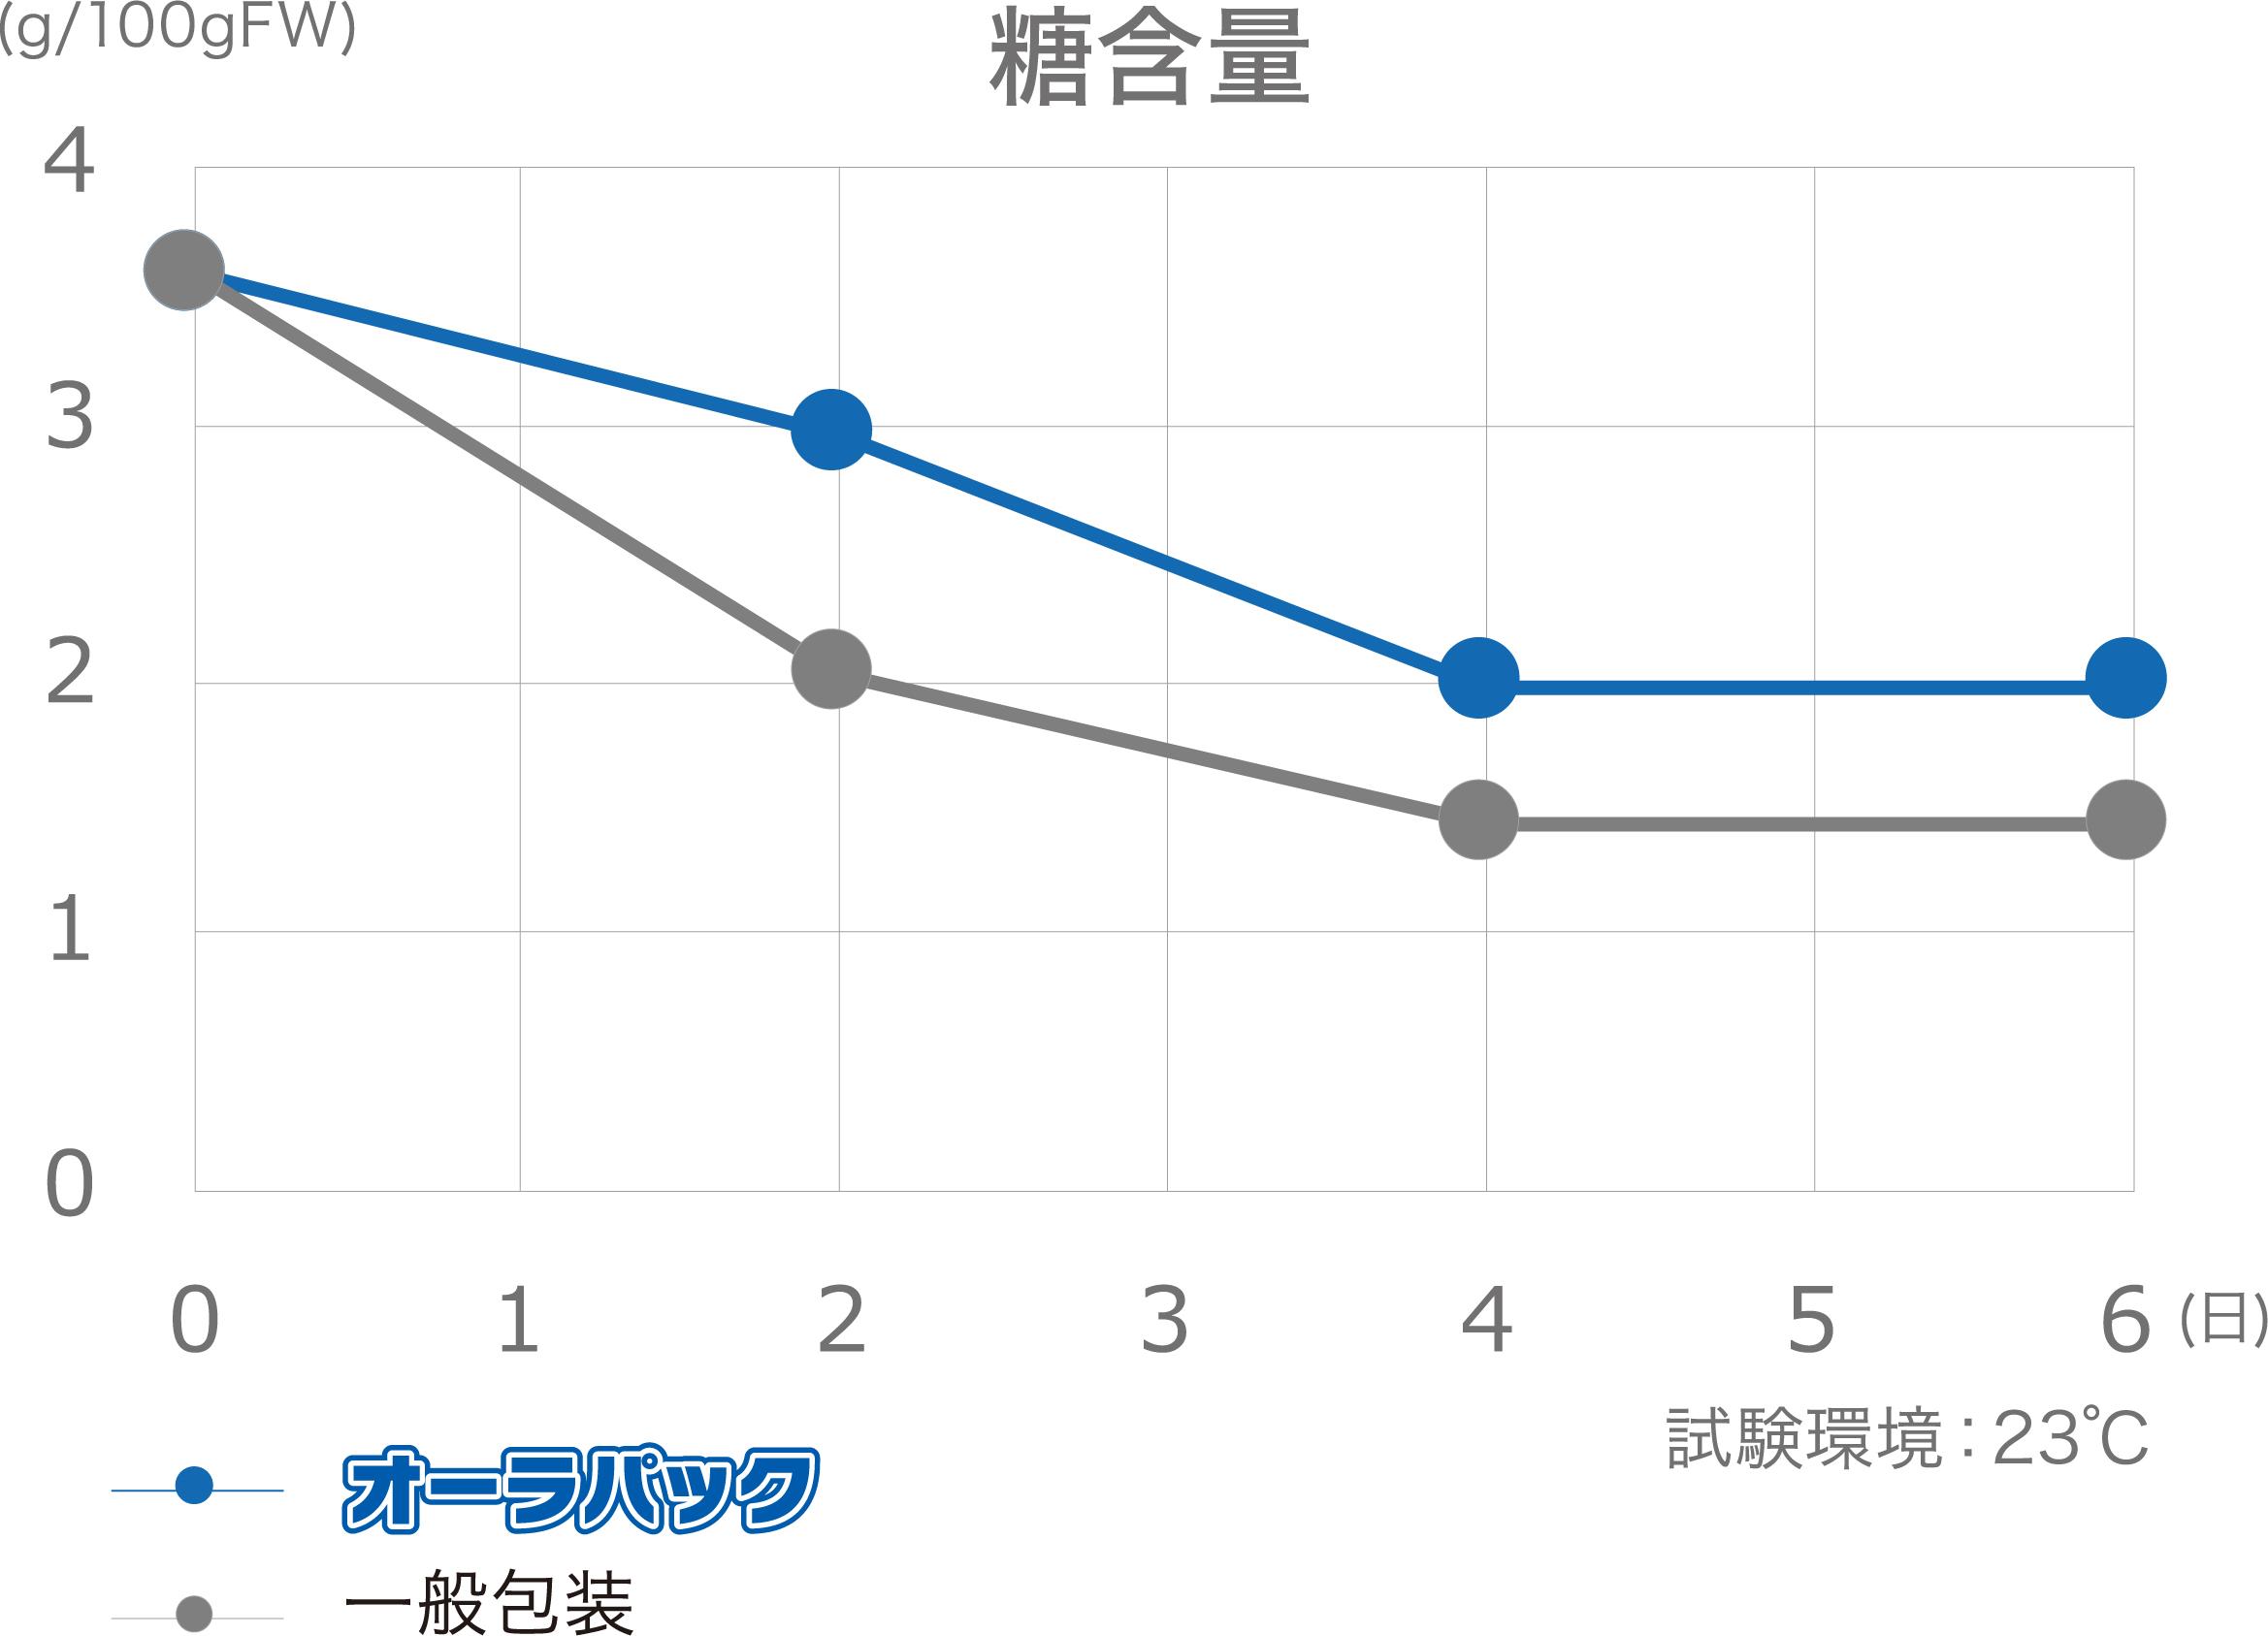 枝豆糖含量の推移 グラフ